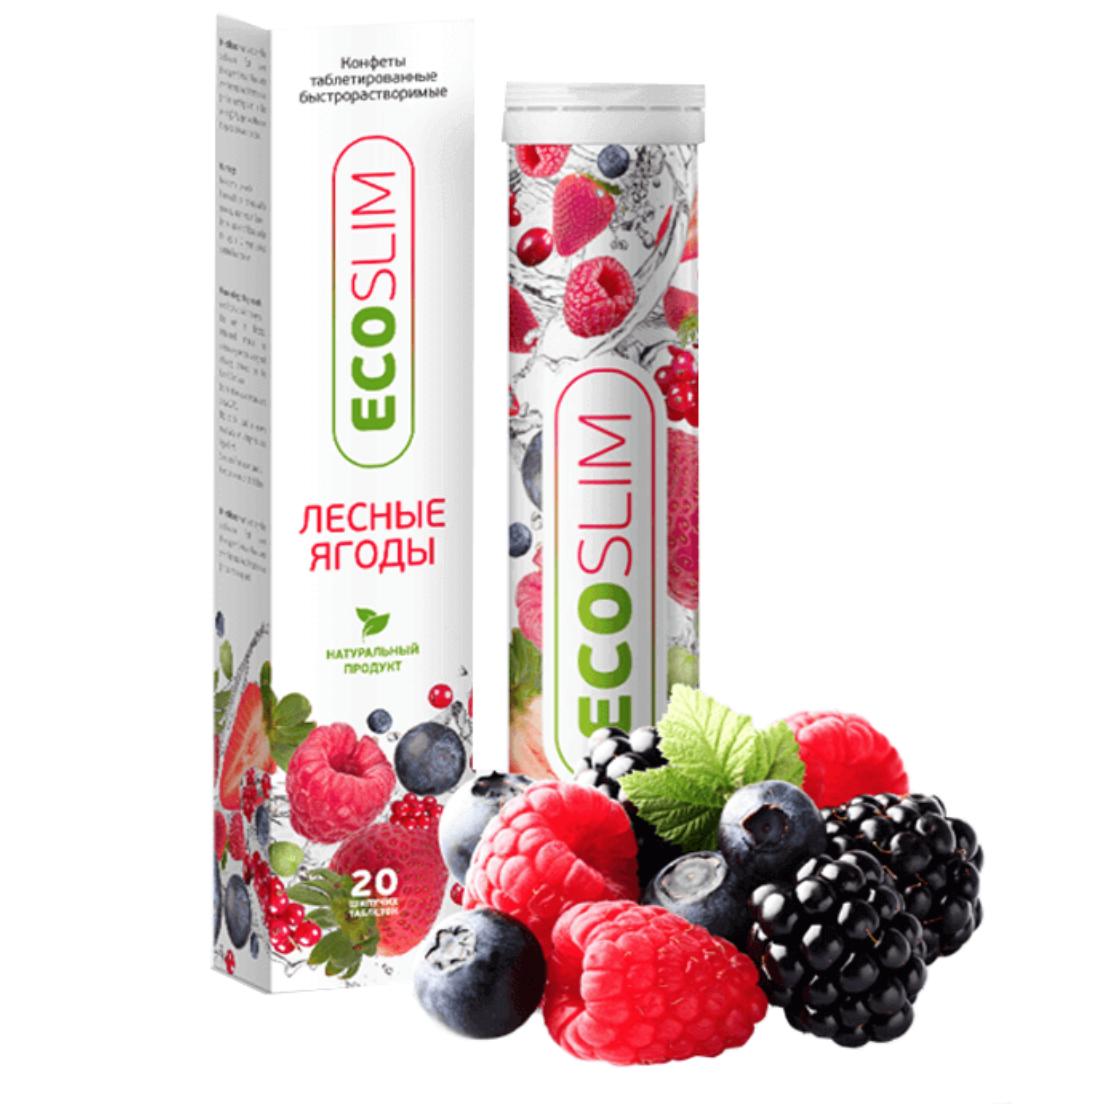 Eco Slim для похудения в Суворове